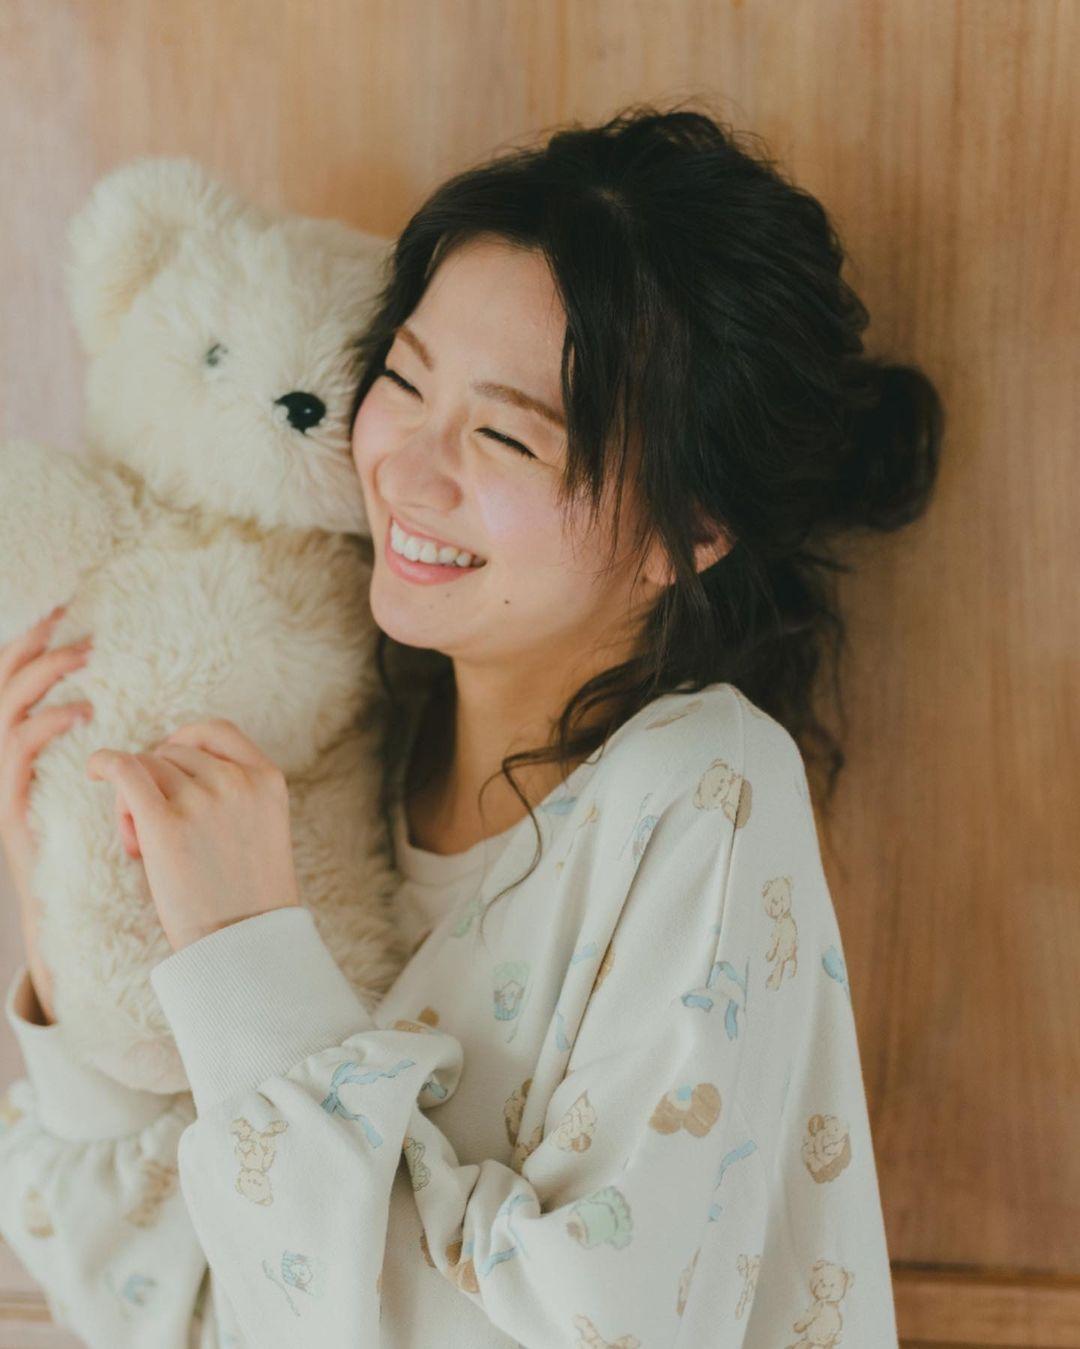 日系时尚杂志模特冈崎纱绘清甜笑容亲和力十足完全就是女友理想型 网络美女 第18张